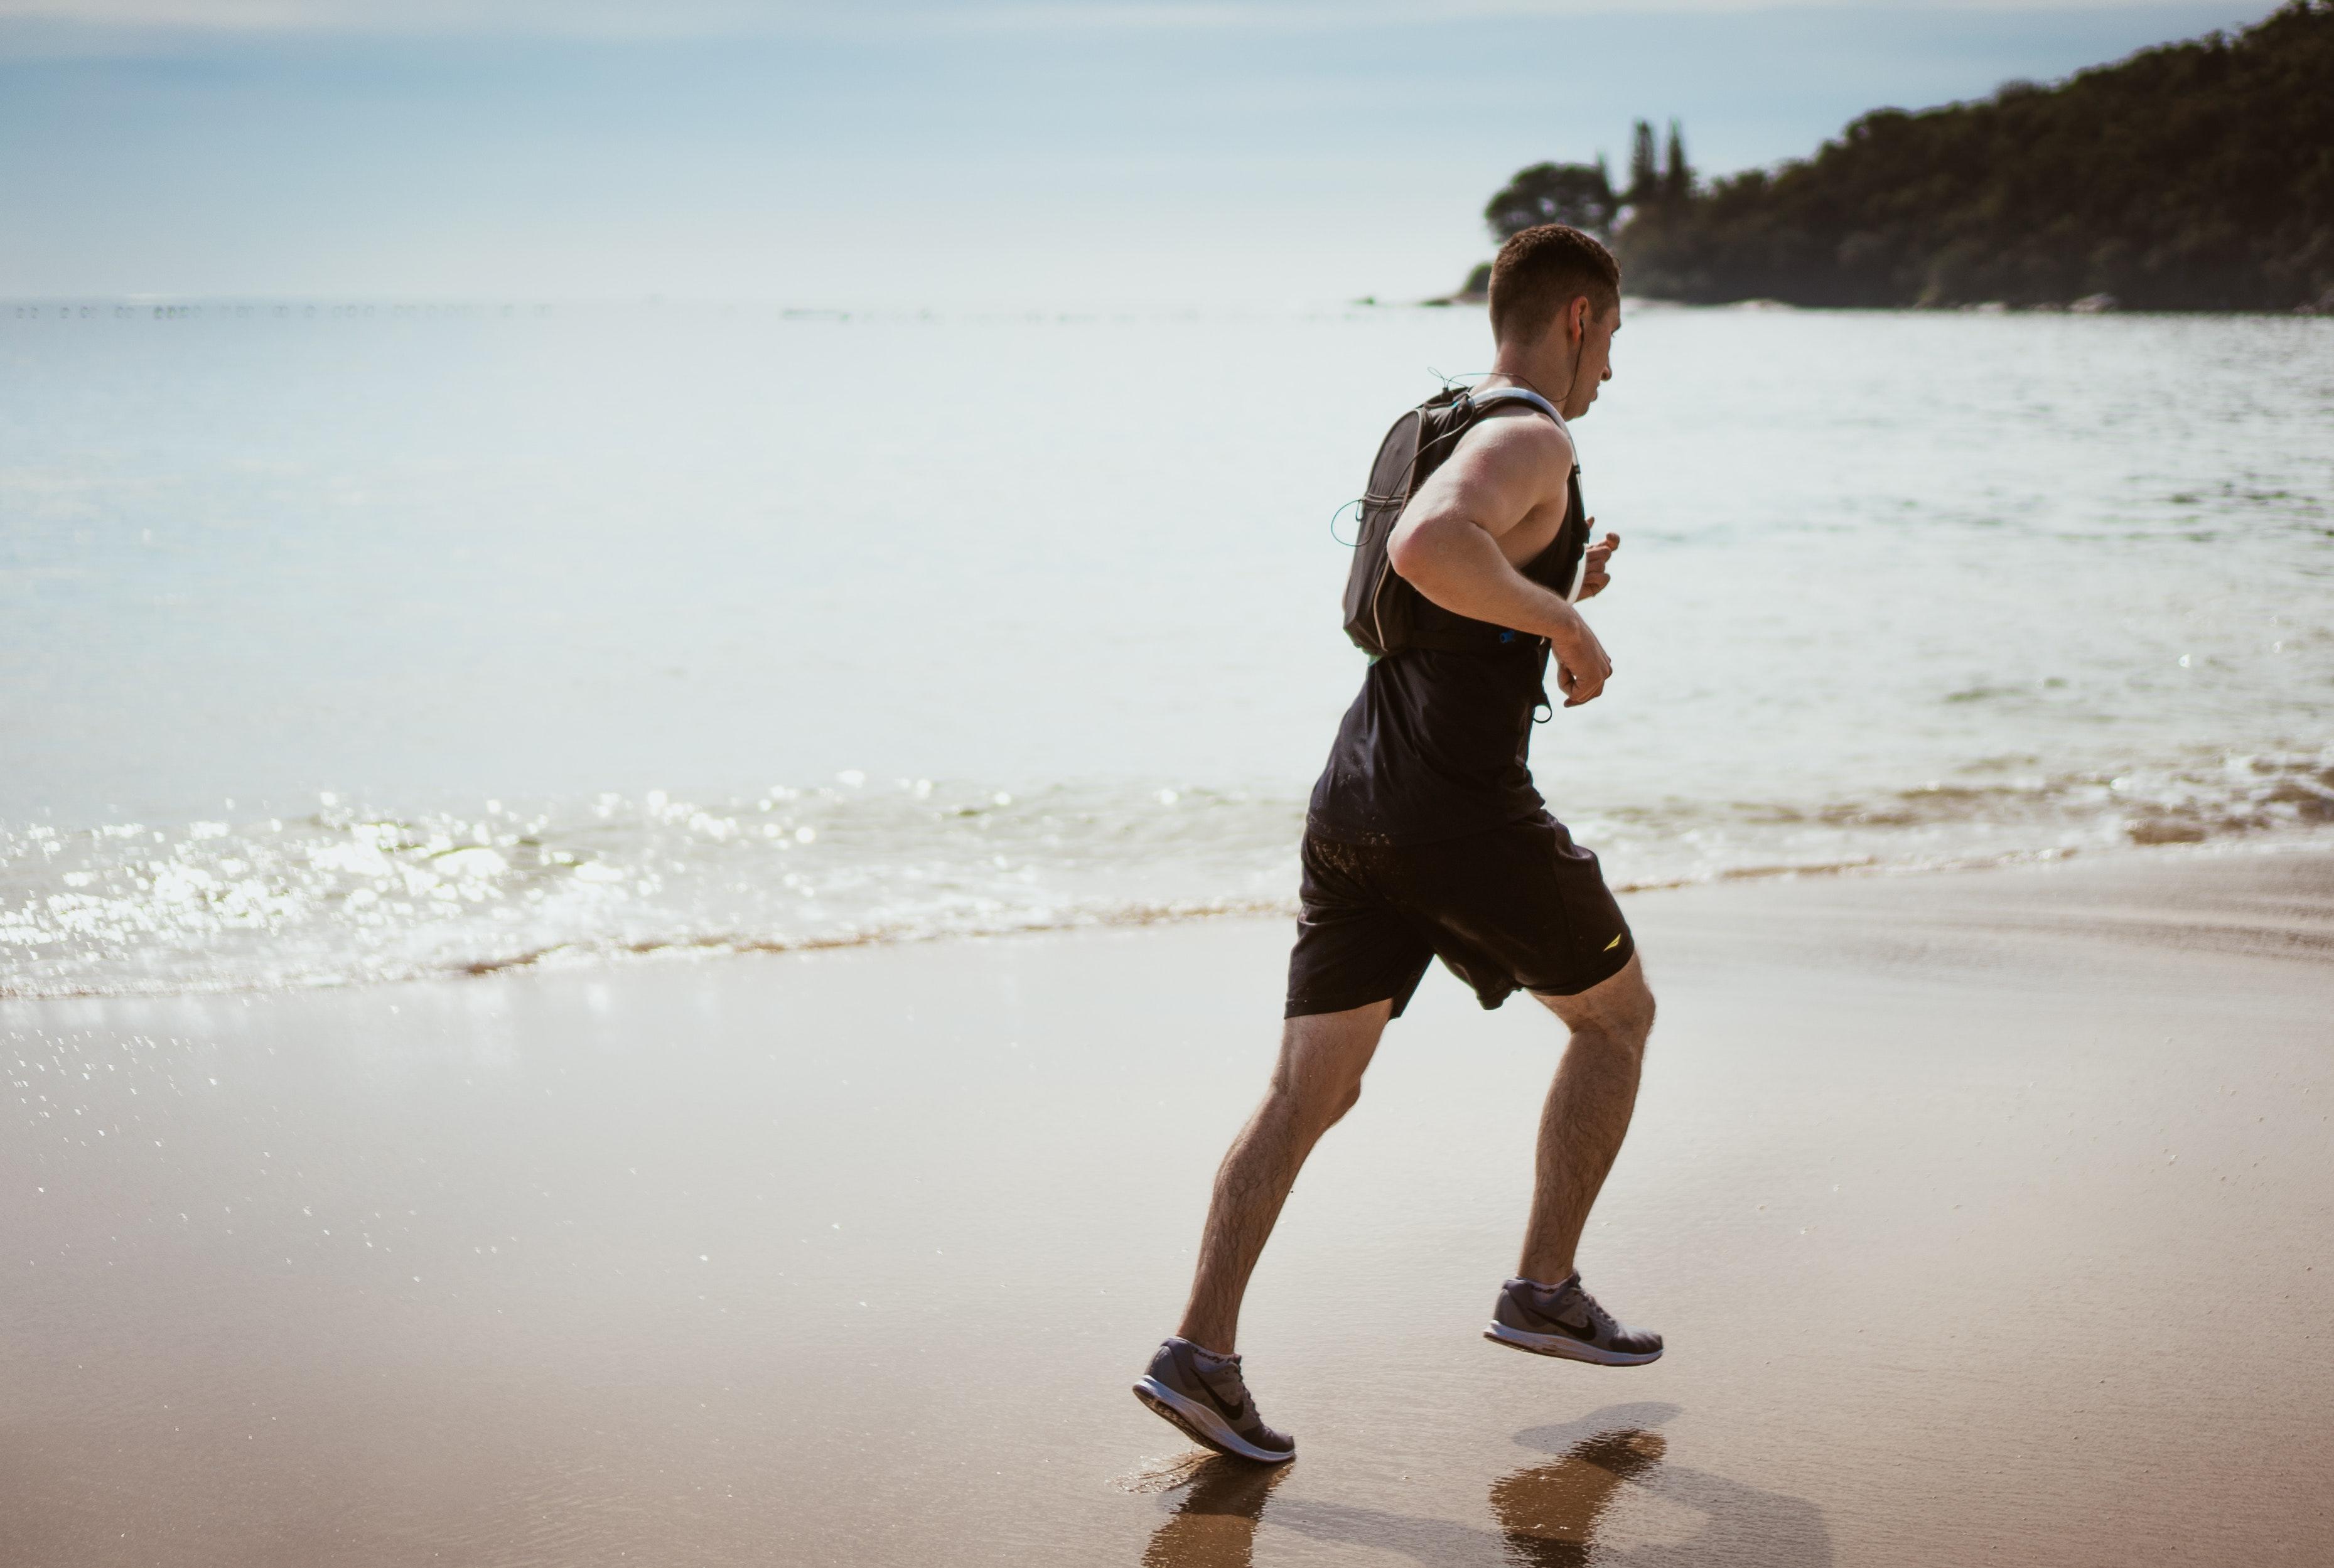 muž beží po pláži